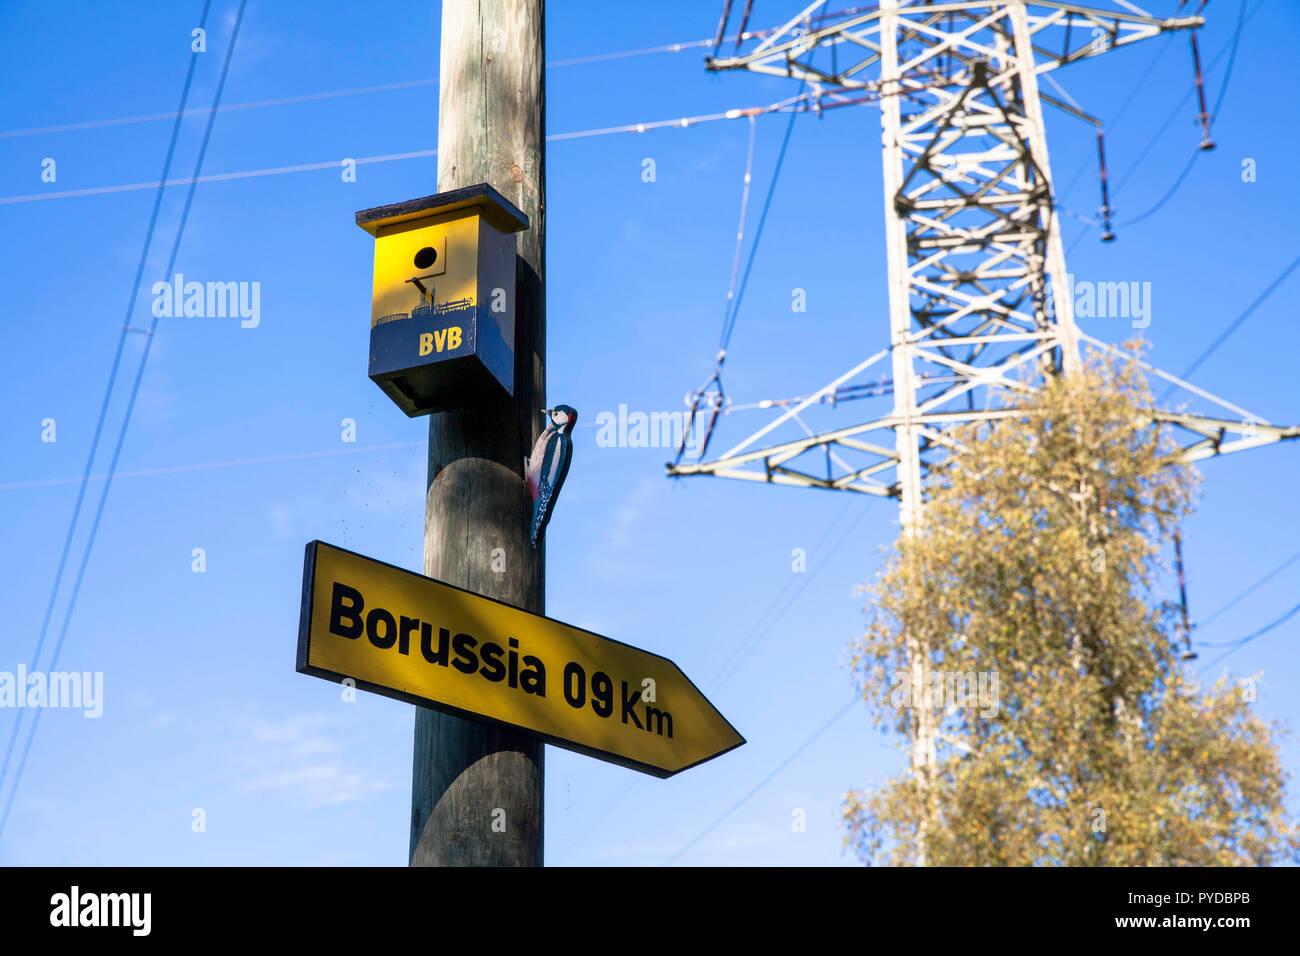 birdhouse of a fan of the fooball club Borussia Dortmund  under a high voltage pylon in Herdecke, Germany.  Vogelhaeuschen eines Borussia Dortmund Fan - Stock Image